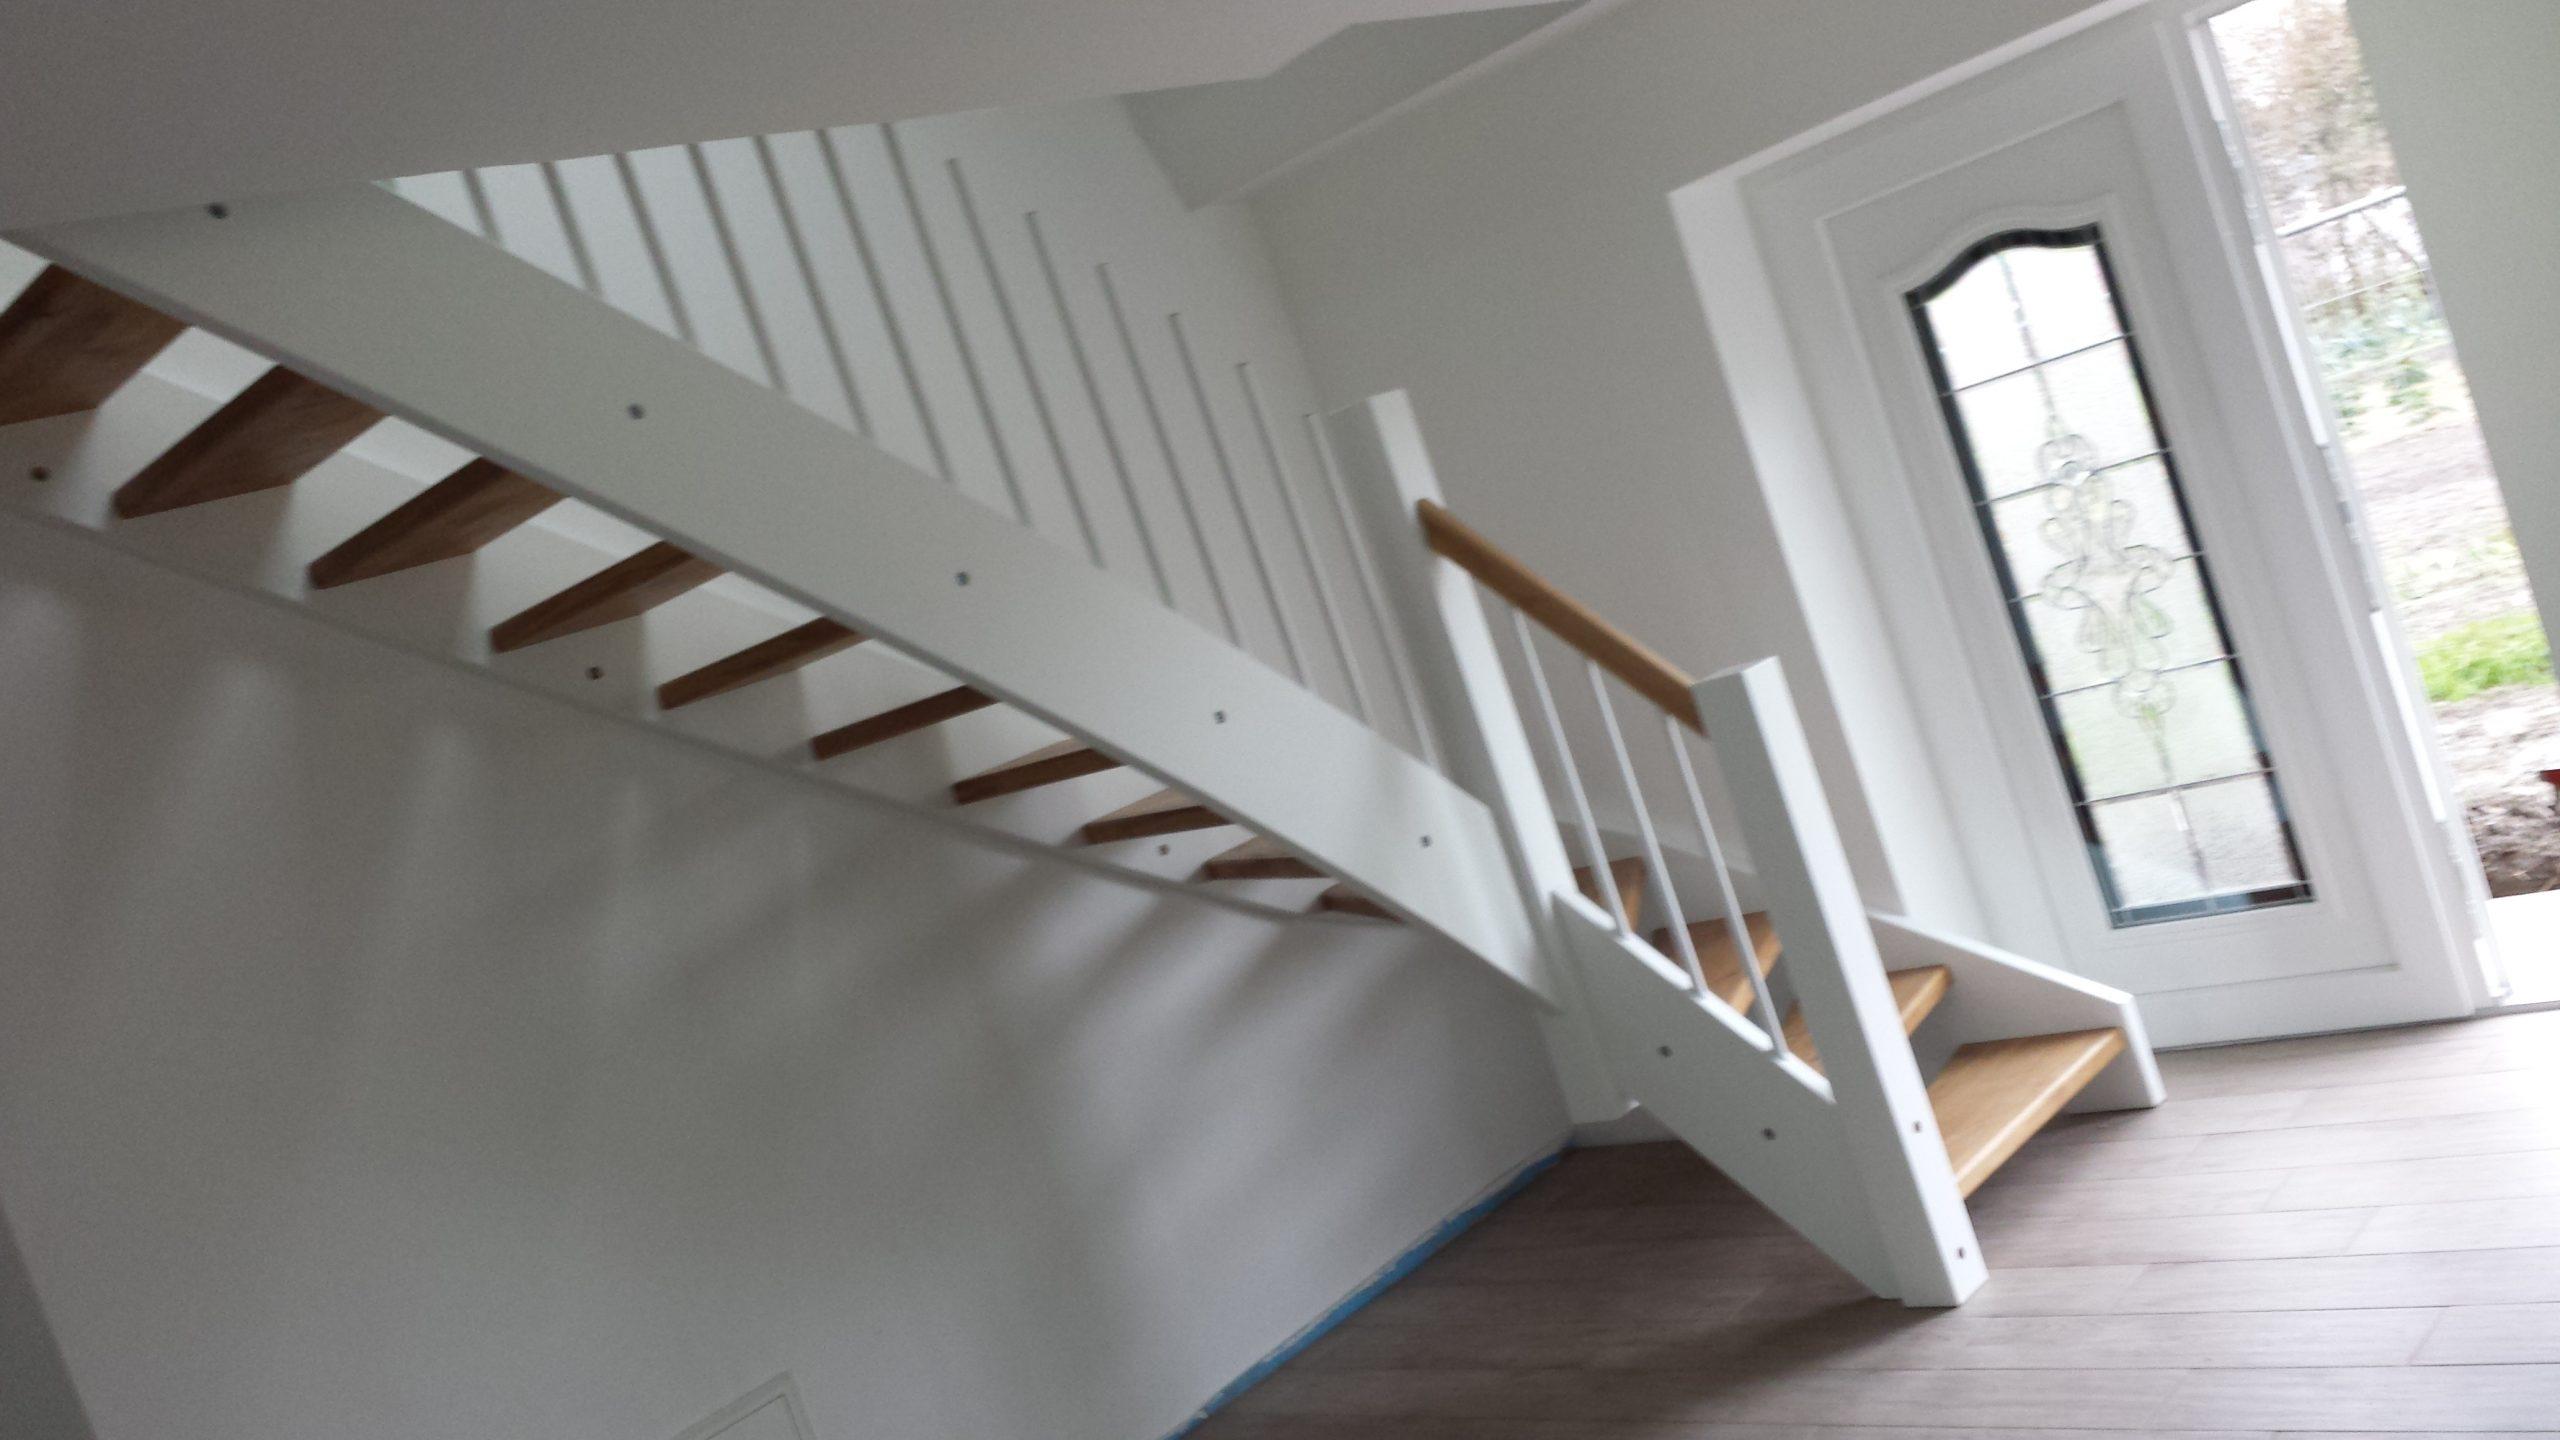 Treppe Eiche6 - Kopie - Kopie